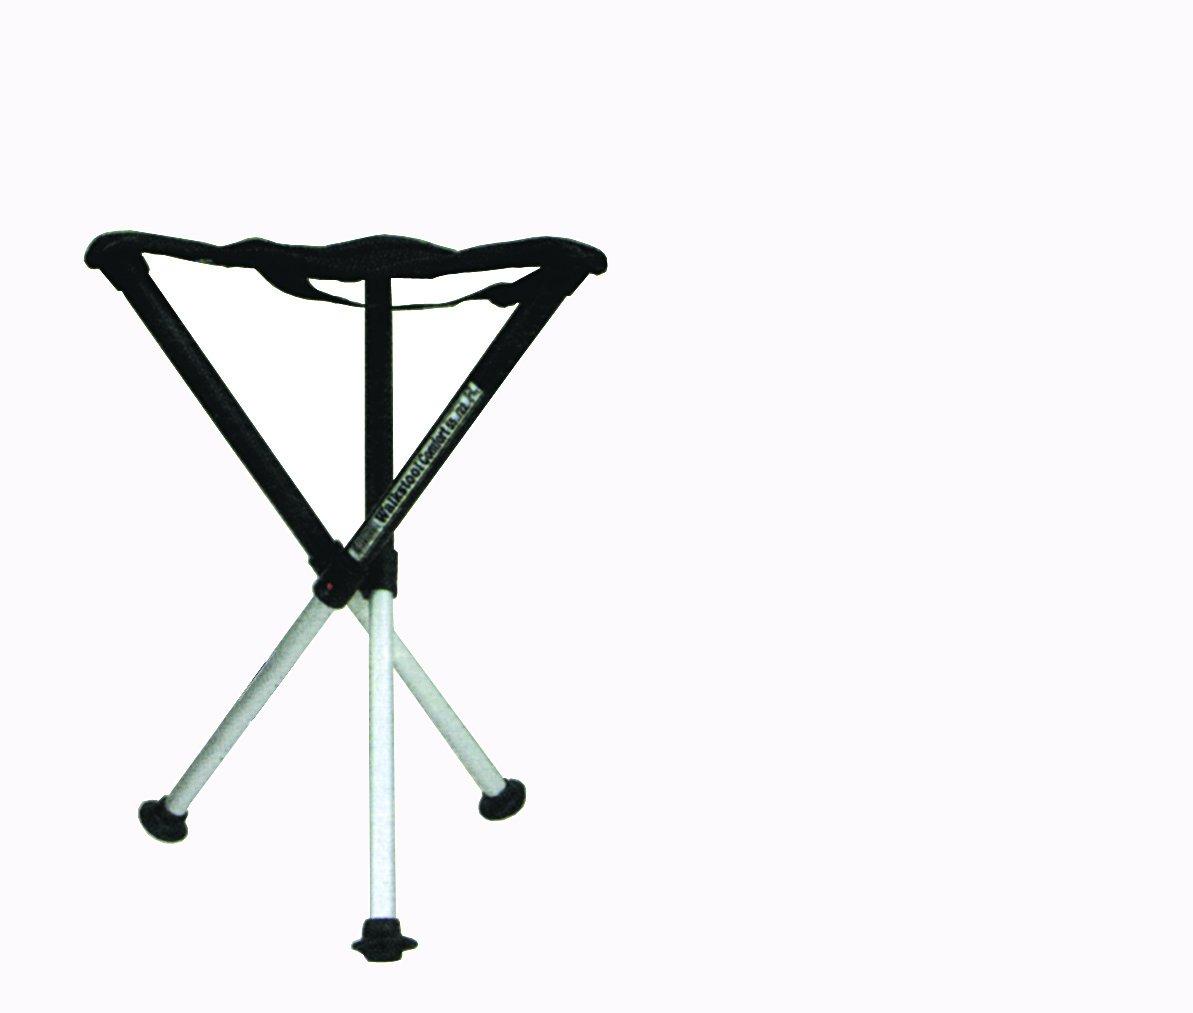 Jehn Walks Tool, Altura del Asiento Silla de Caza, Bicolor, 45cm JEHN6|#Jehn 821017